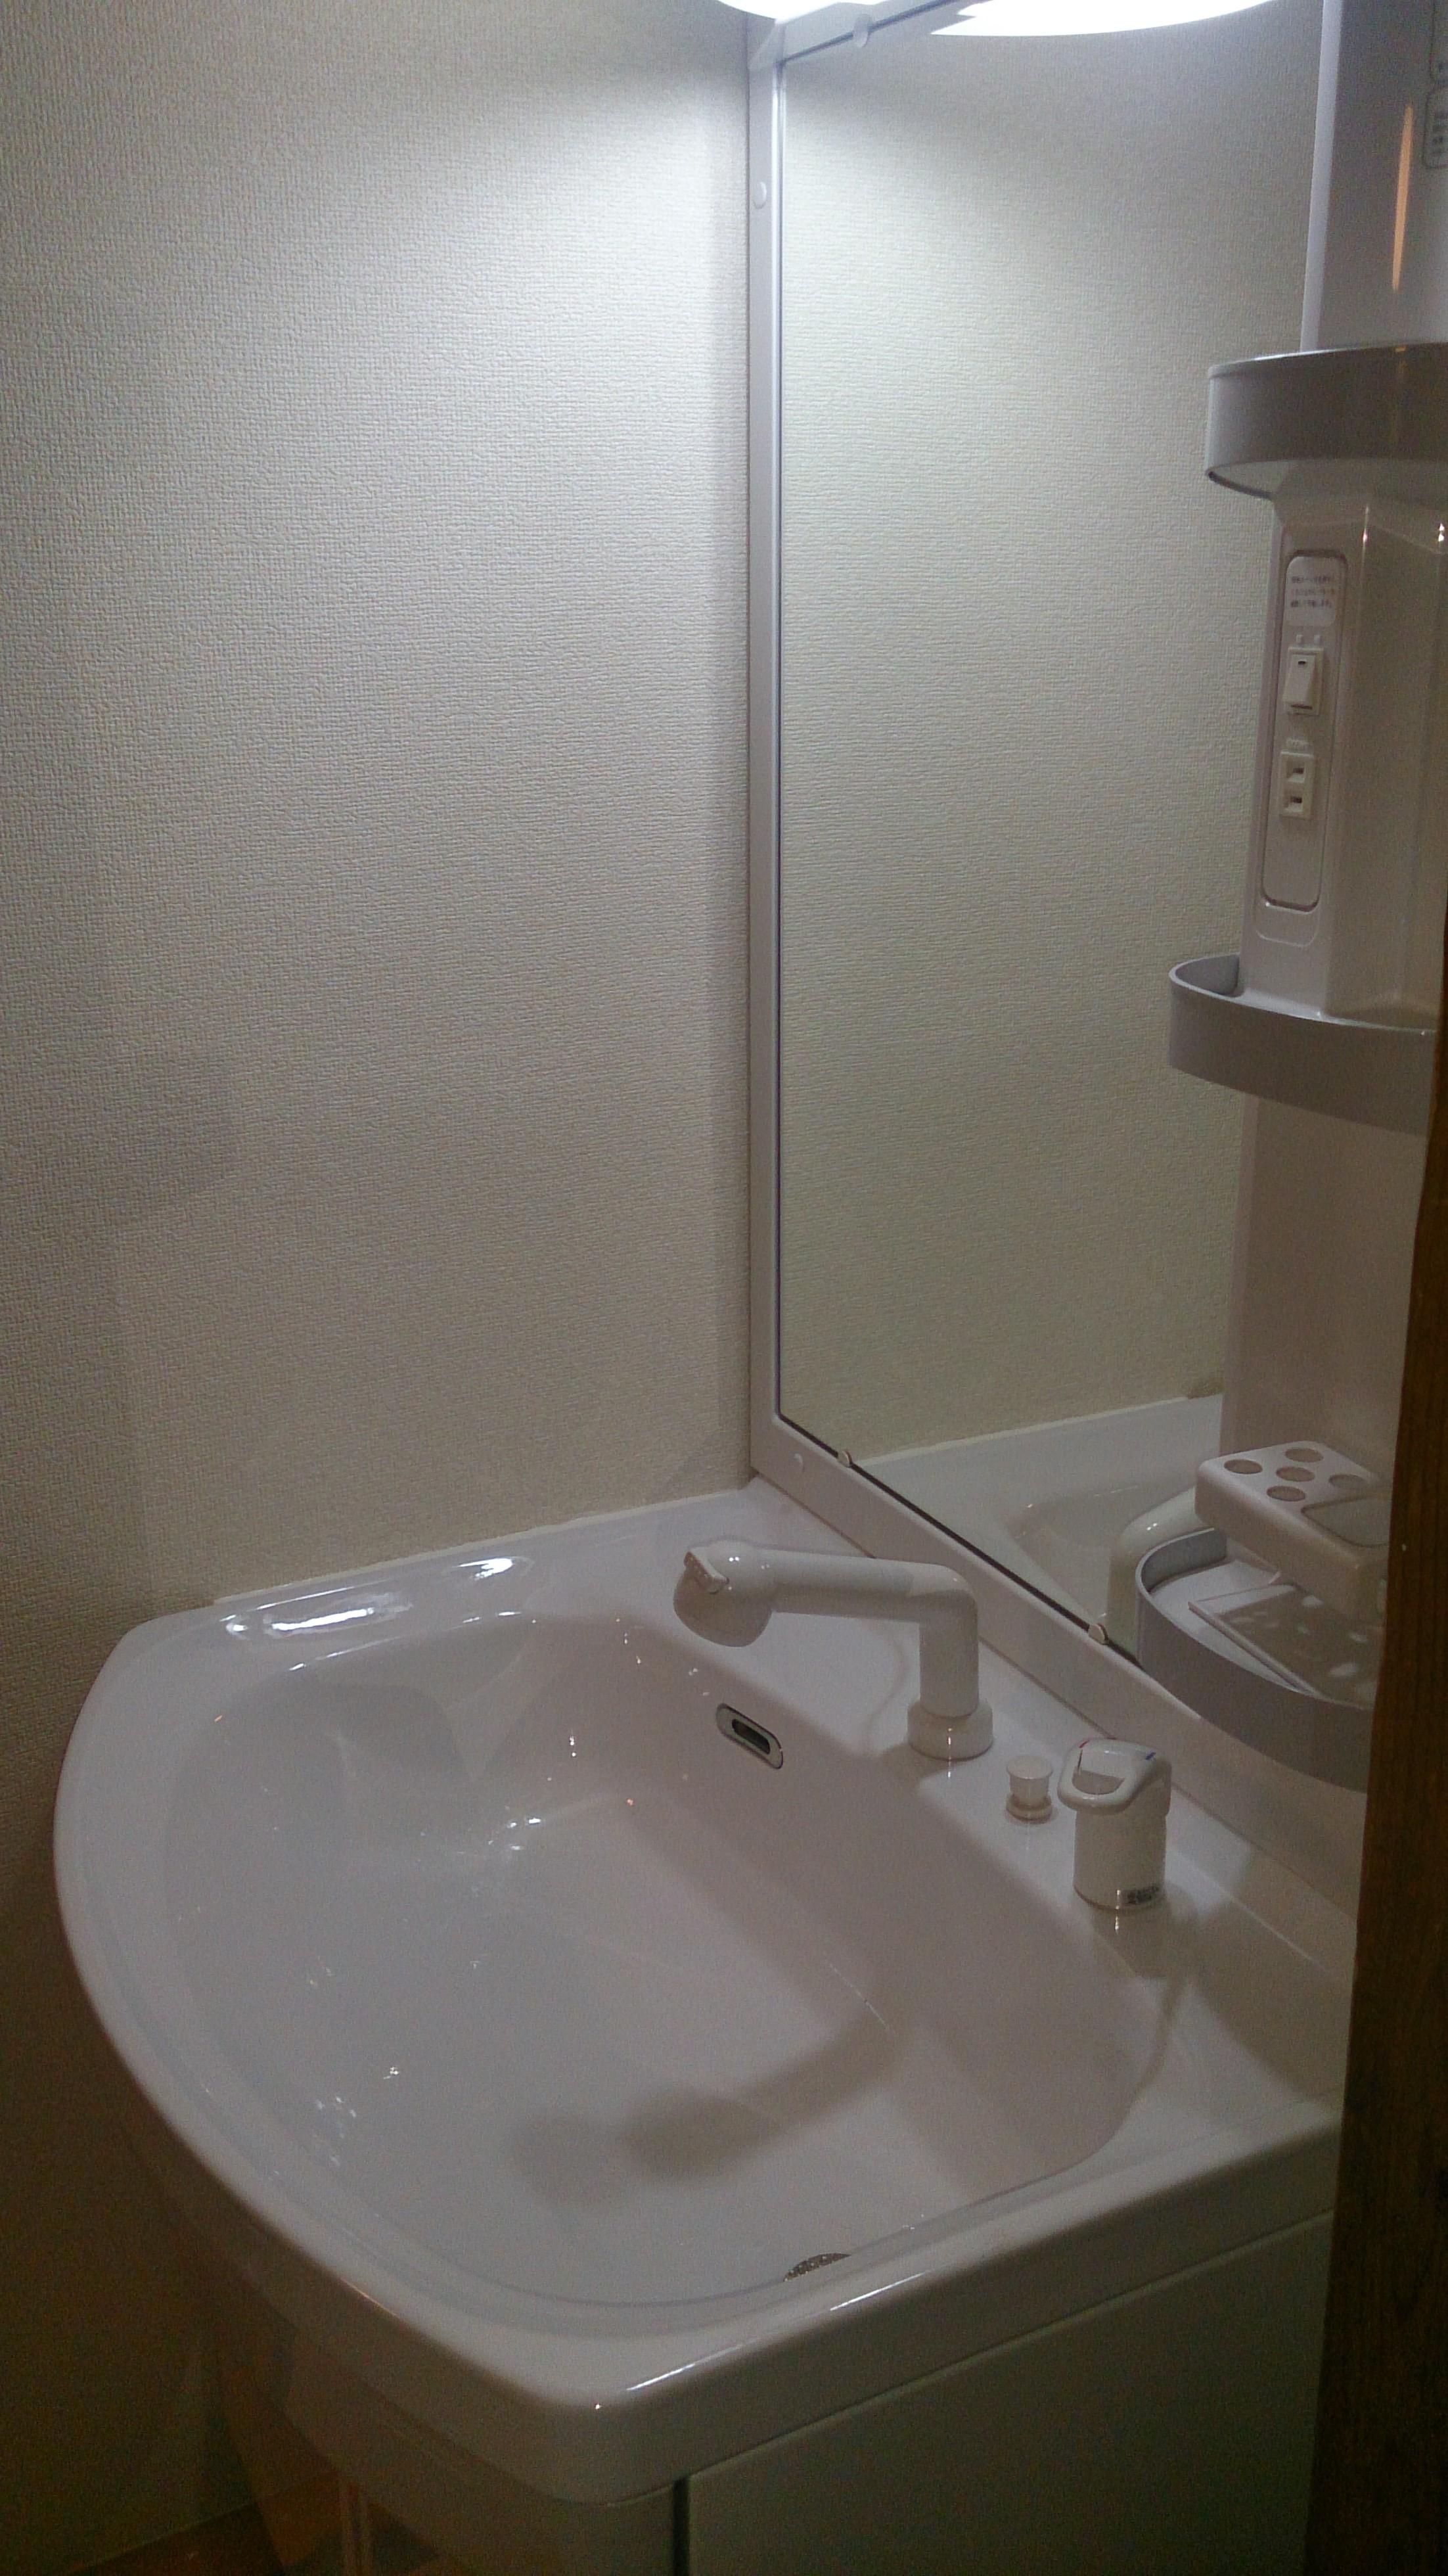 タカラスタンダード洗面化粧台 オンディーヌ